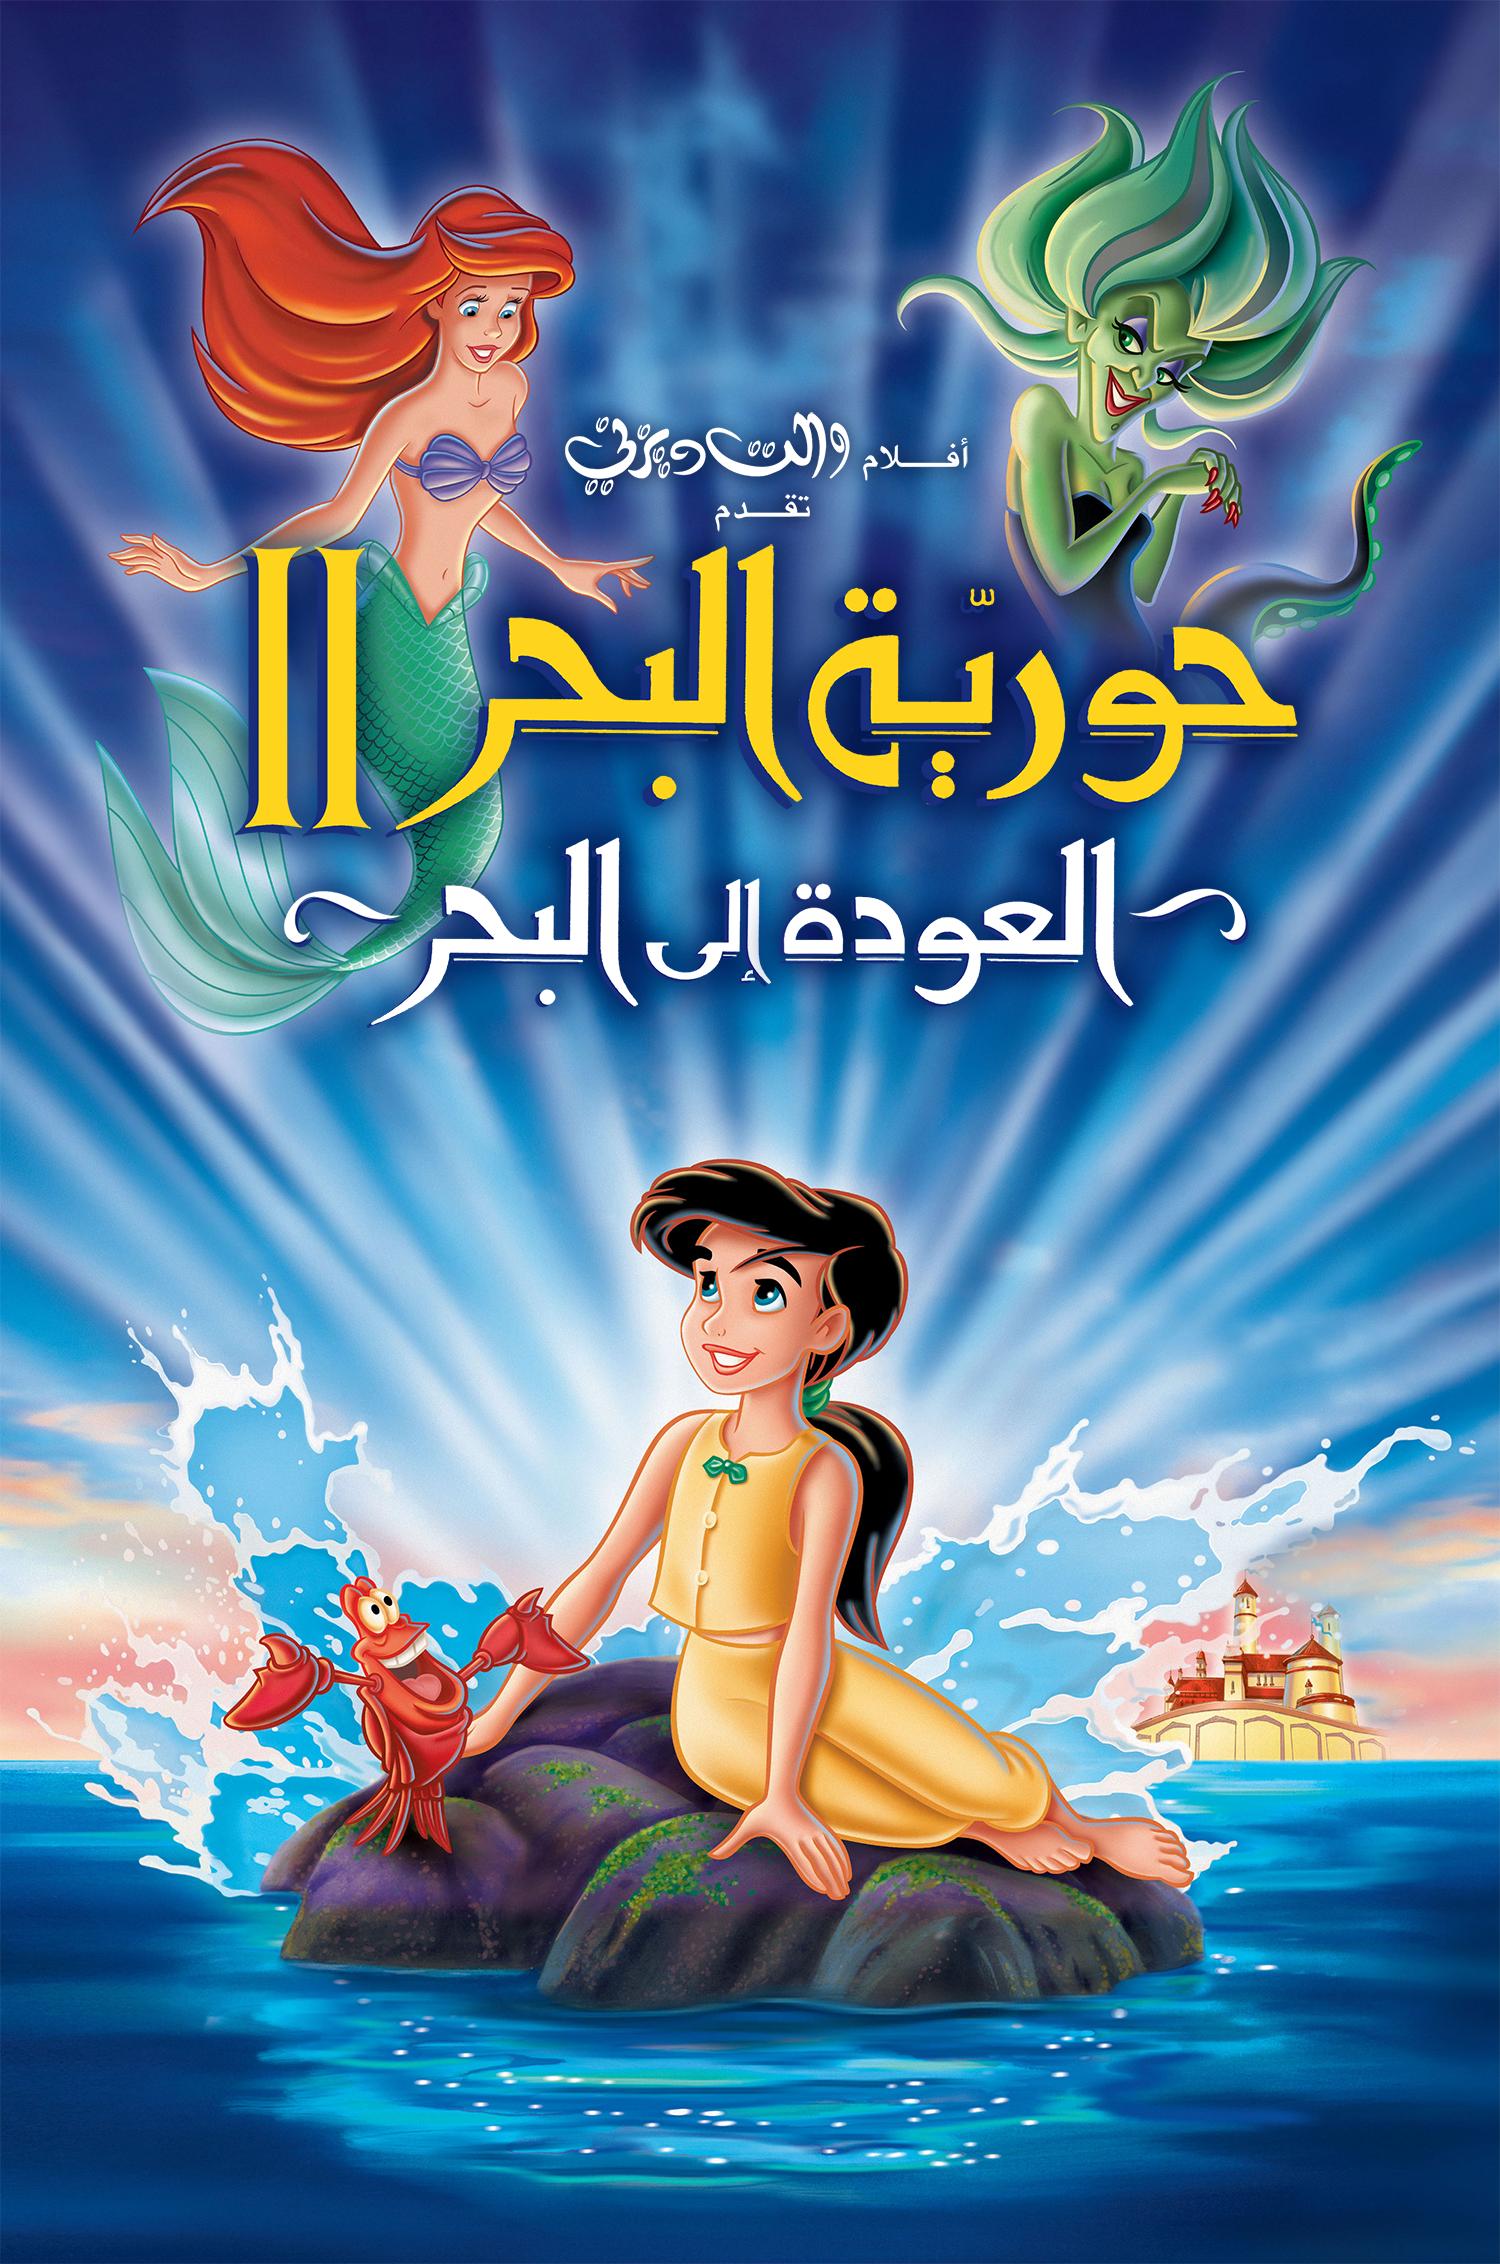 حورية البحر ٢: العودة إلى البحر